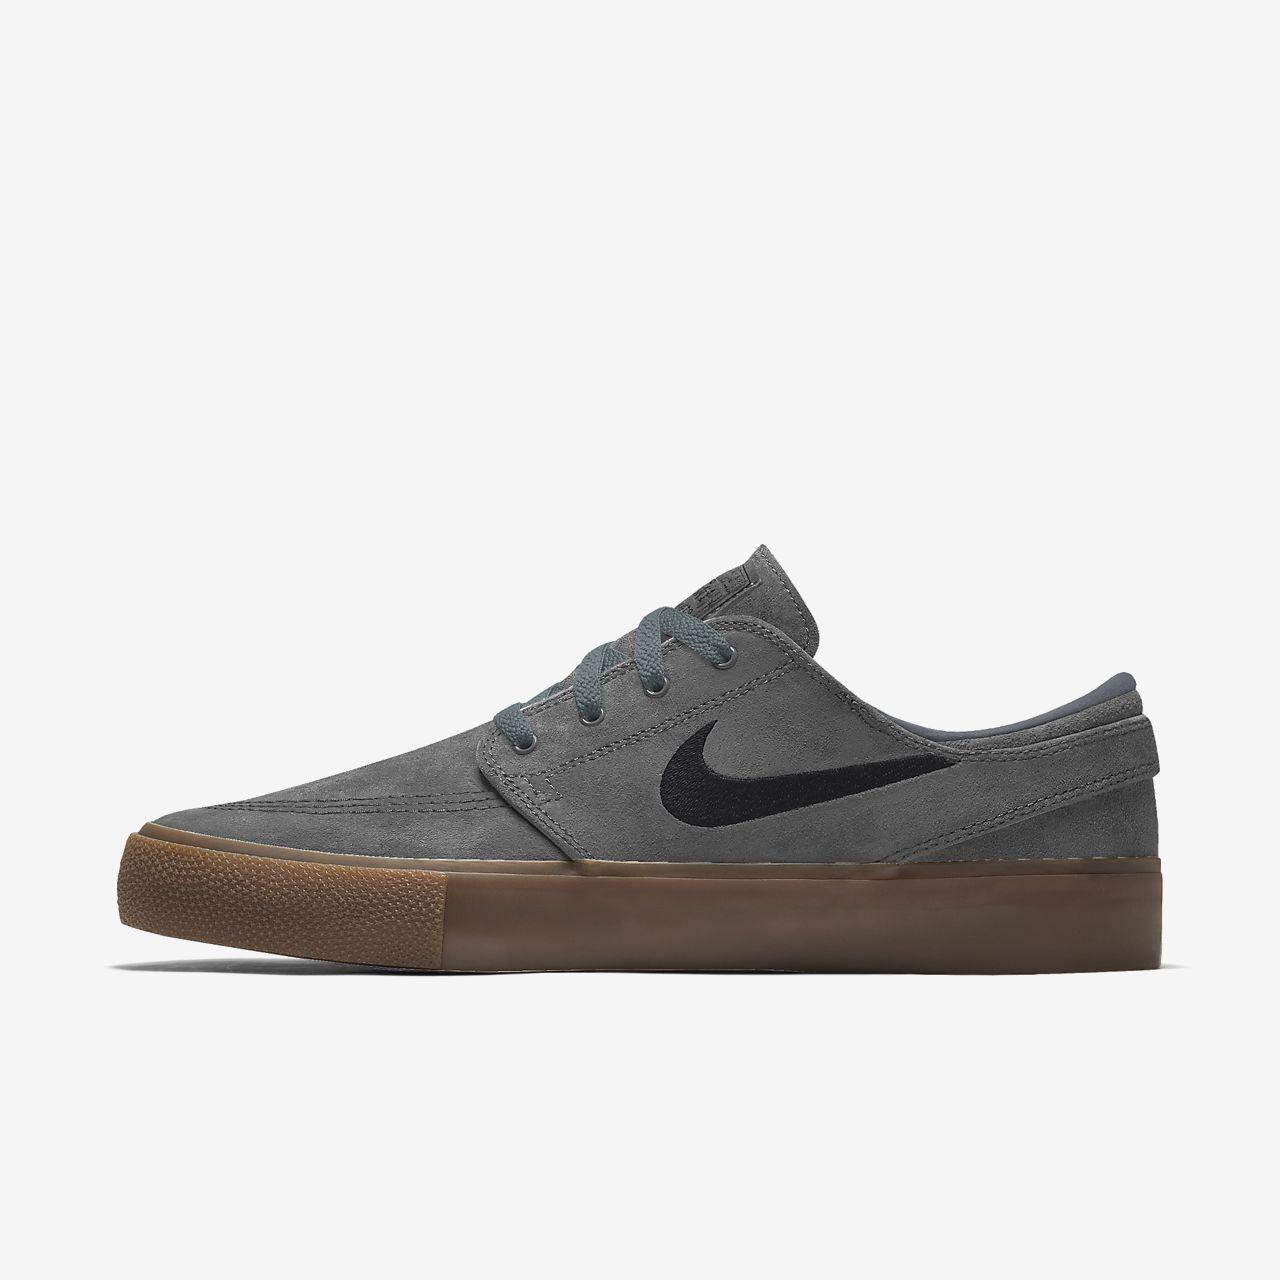 Nike SB Zoom Stefan Janoski RM By You 专属定制滑板鞋